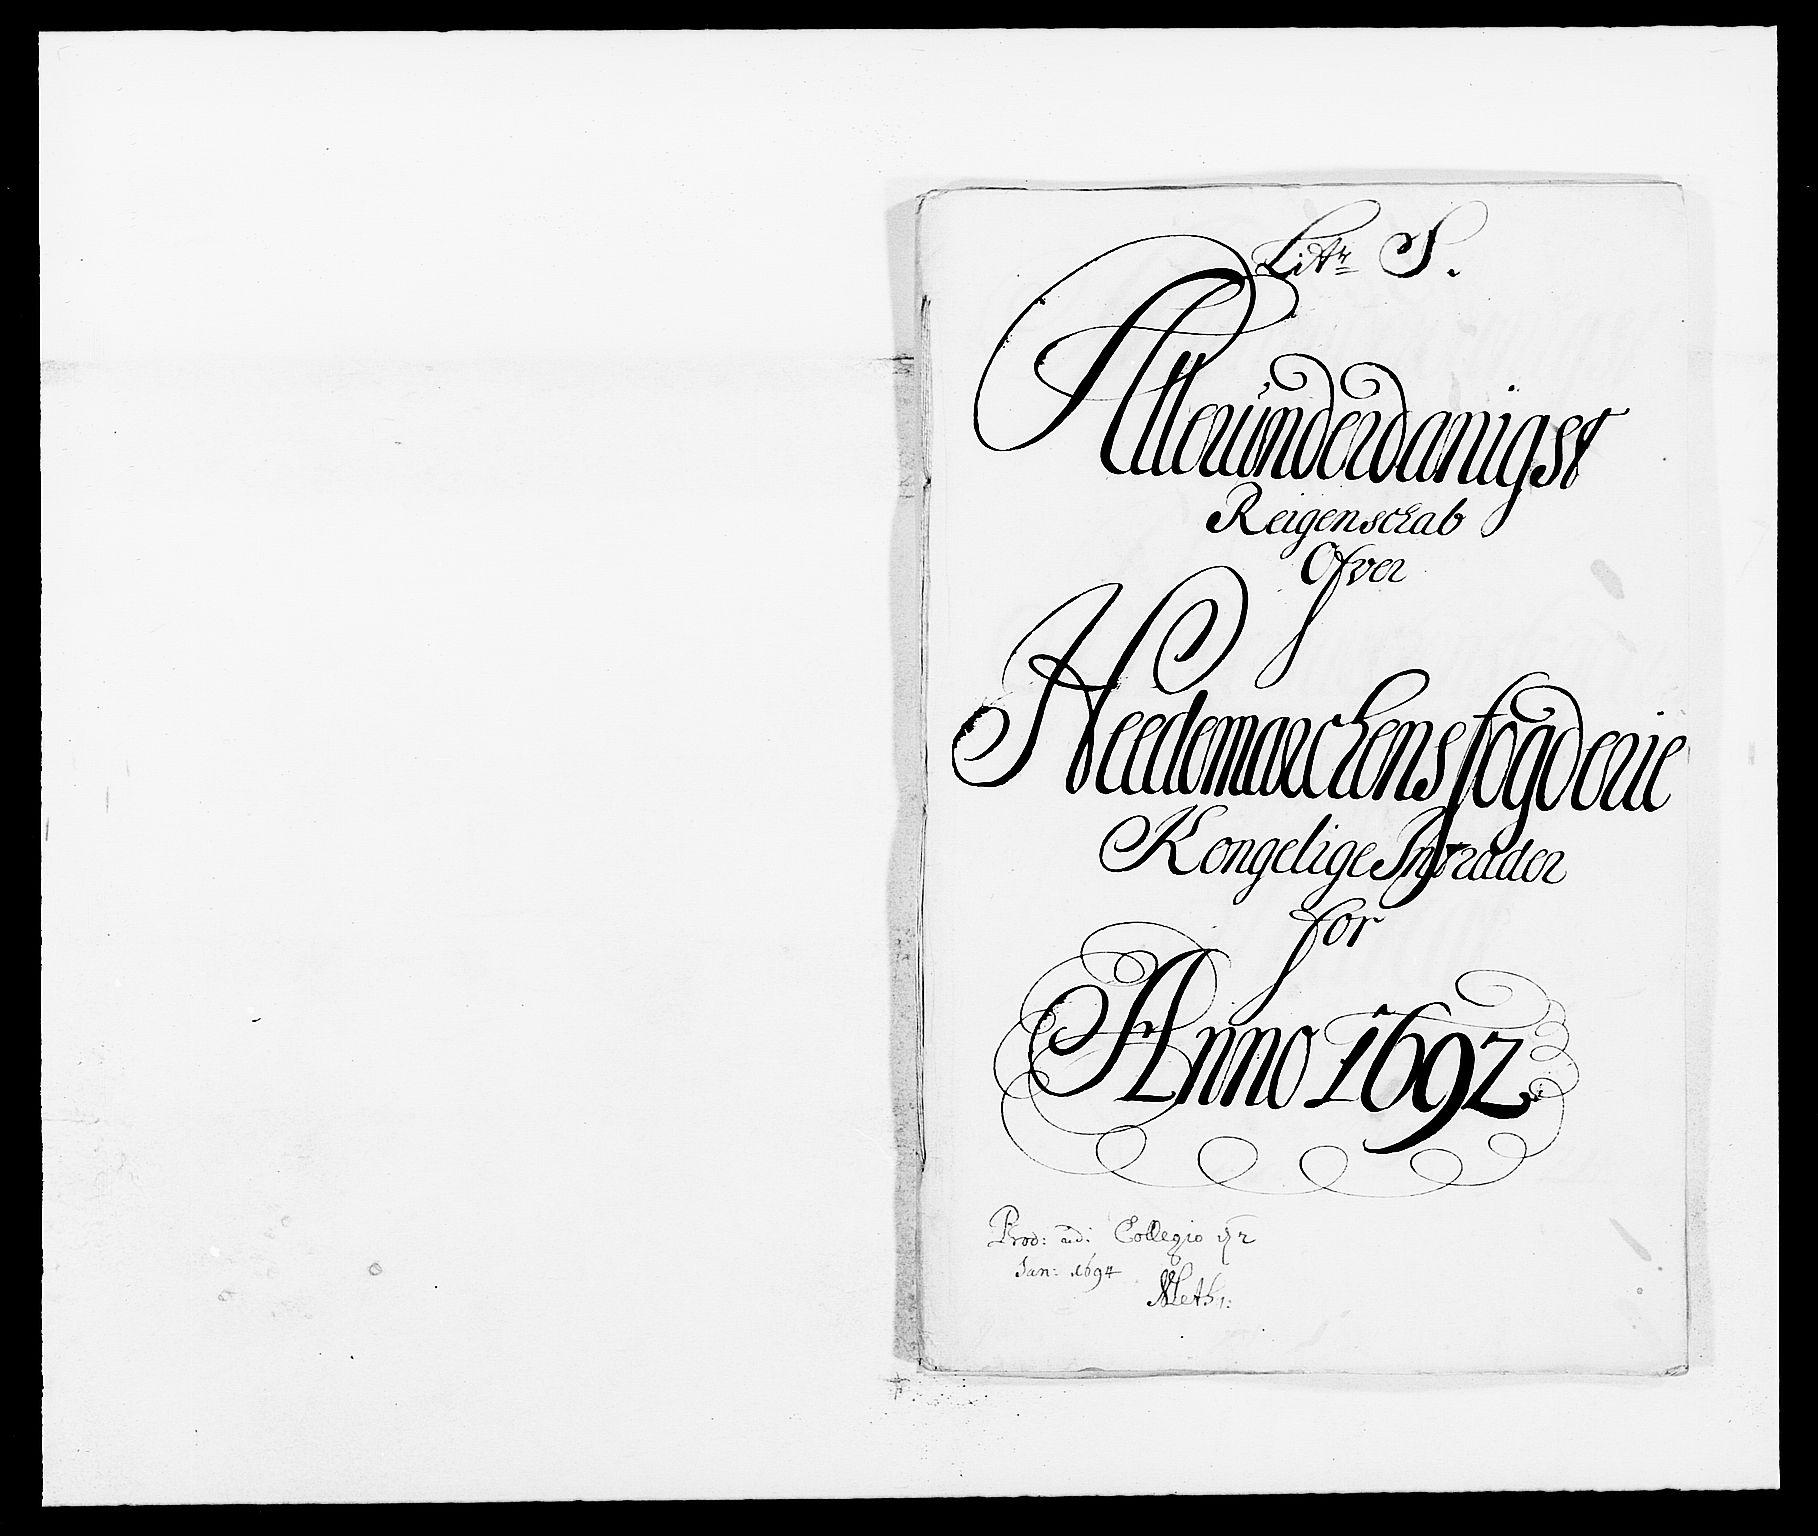 RA, Rentekammeret inntil 1814, Reviderte regnskaper, Fogderegnskap, R16/L1031: Fogderegnskap Hedmark, 1689-1692, s. 1